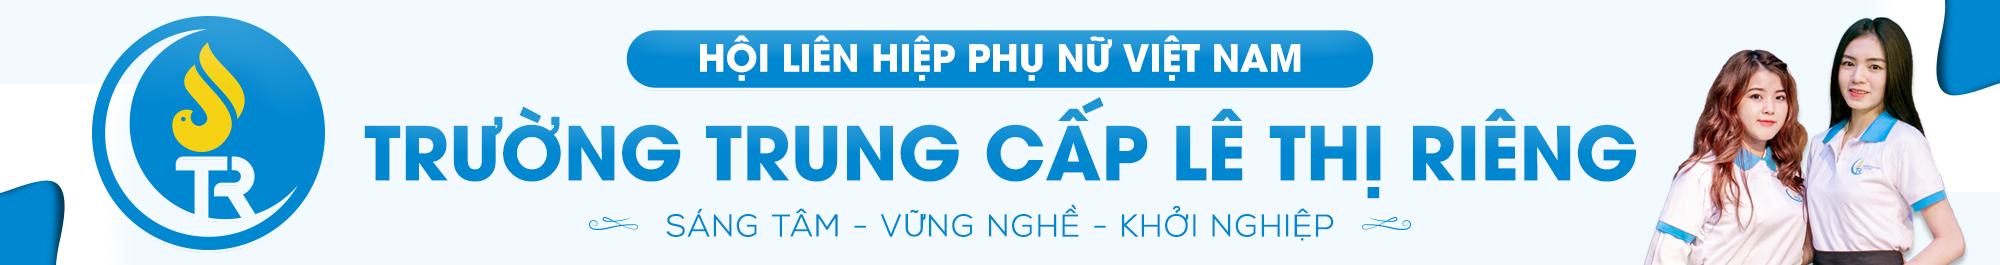 Trường Trung cấp Lê Thị Riêng